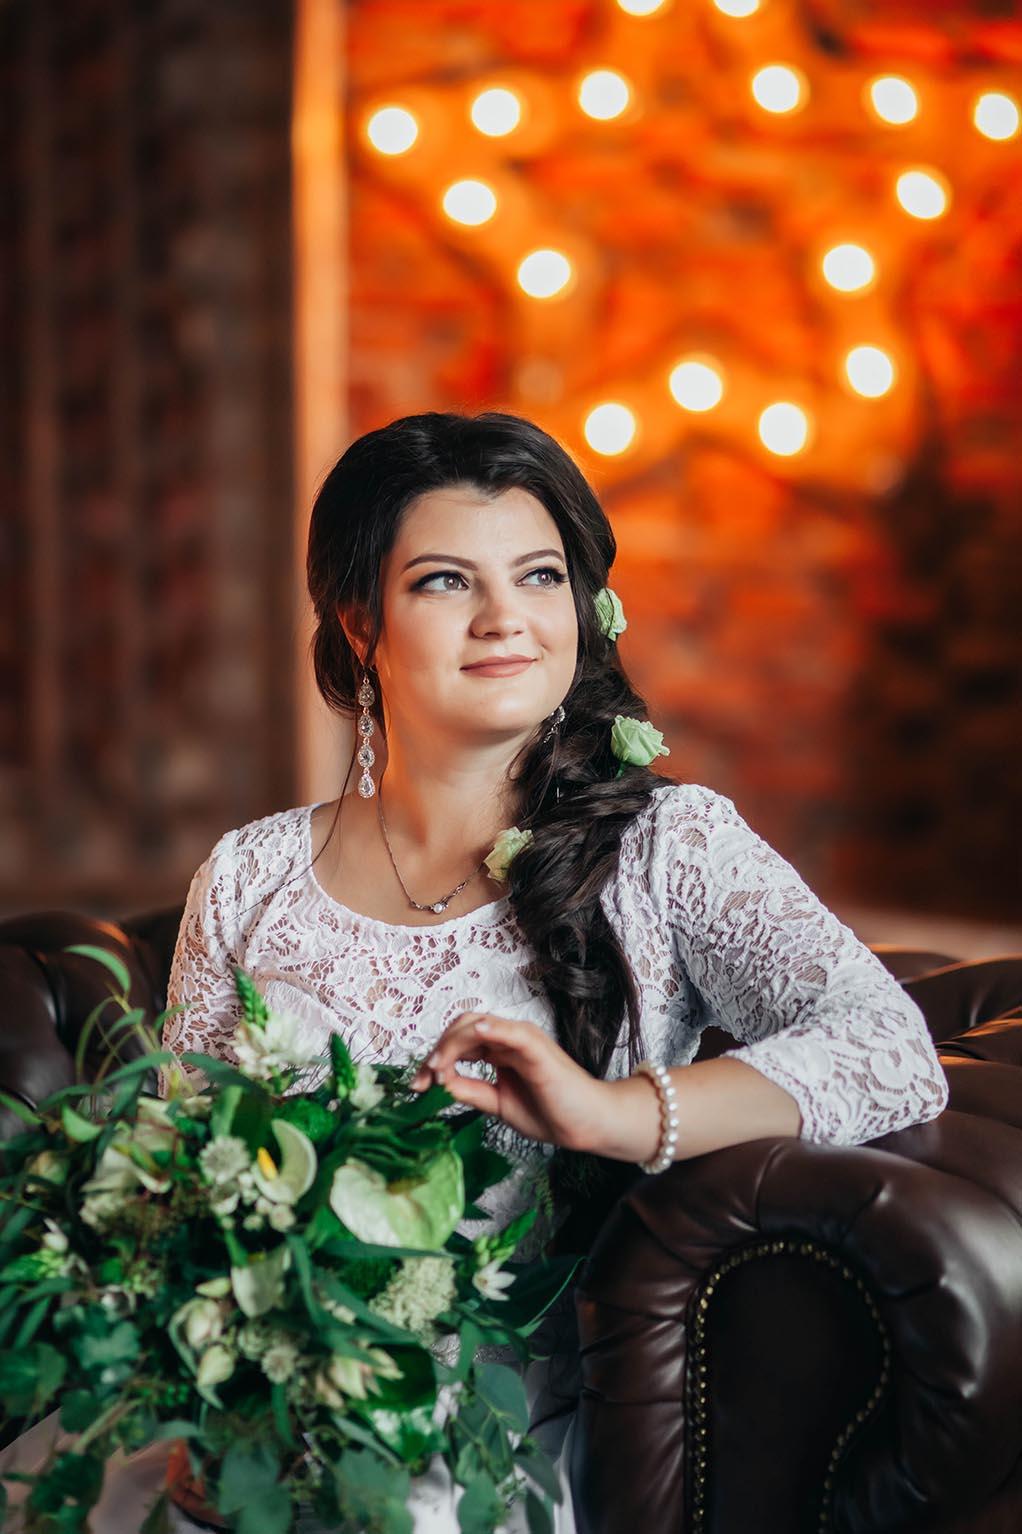 фотосессия свадьбы в студии